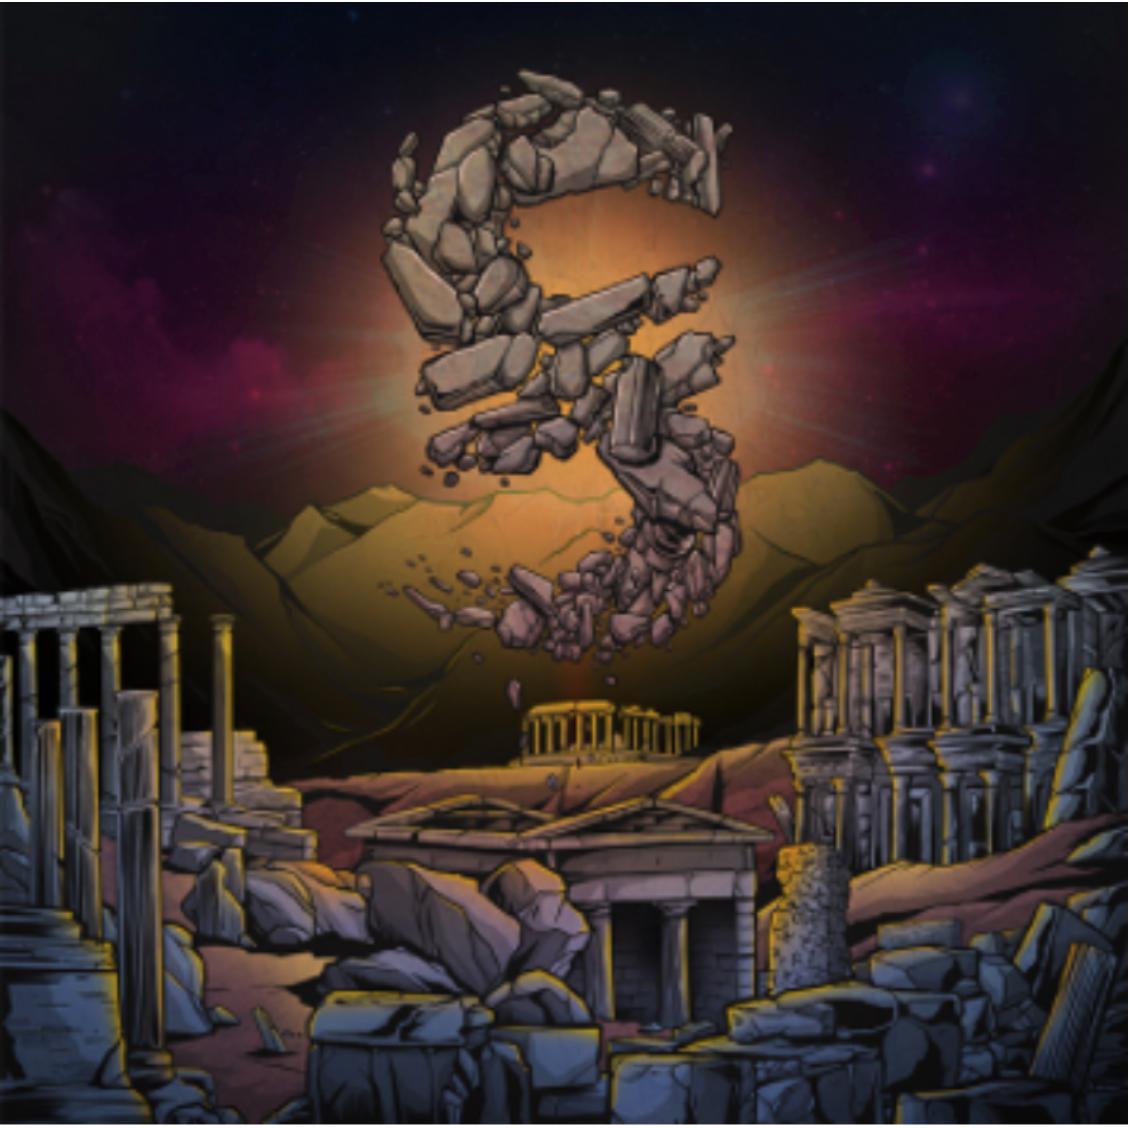 Secrets self-titled album art